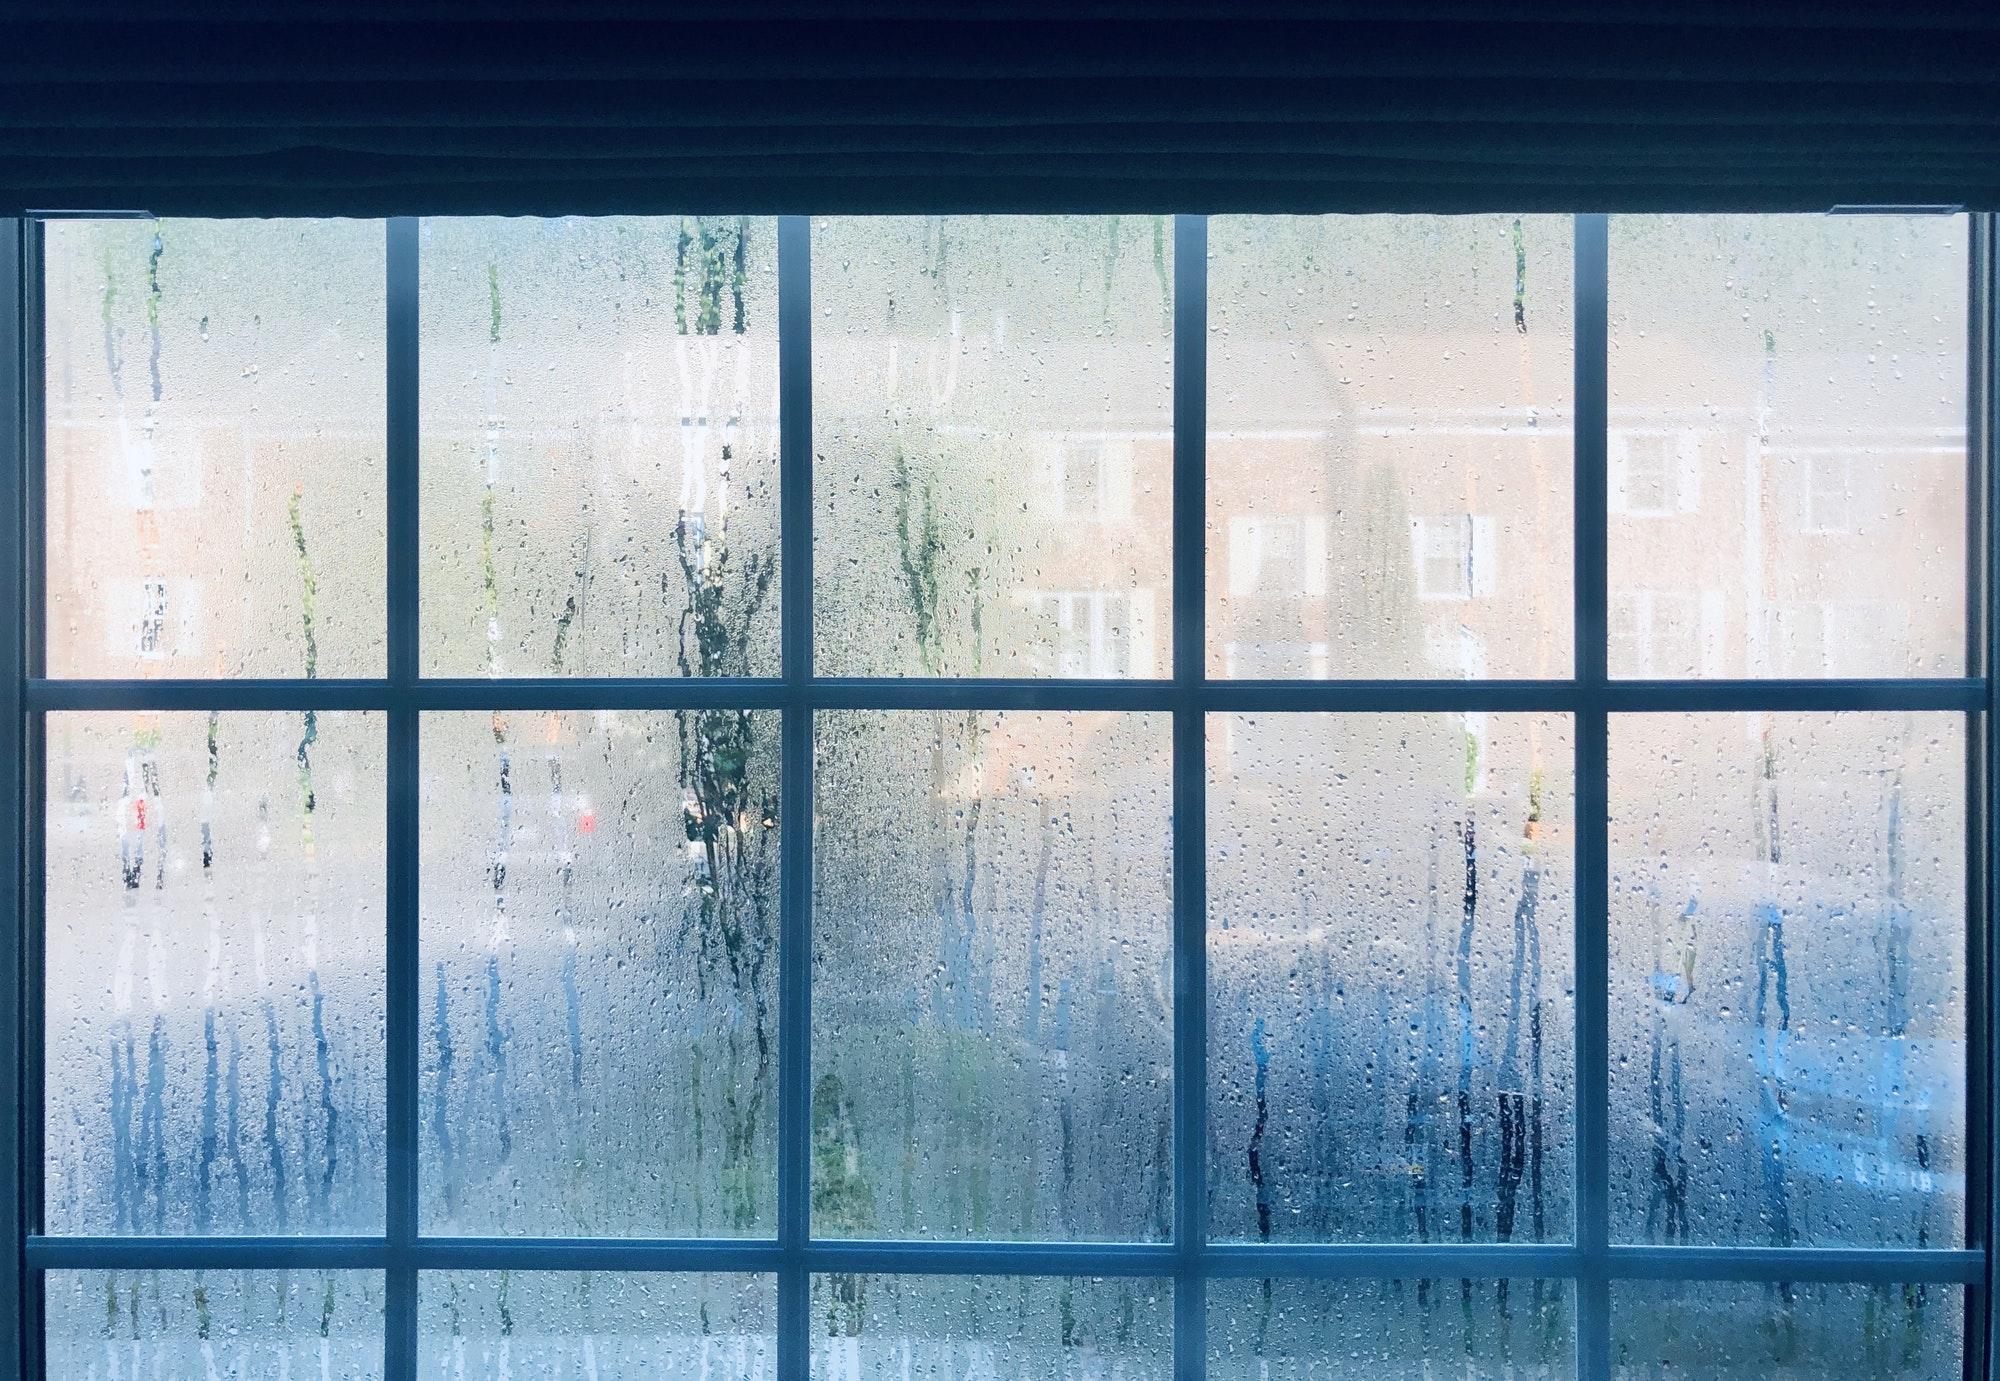 humidité, condensation sur les vitres